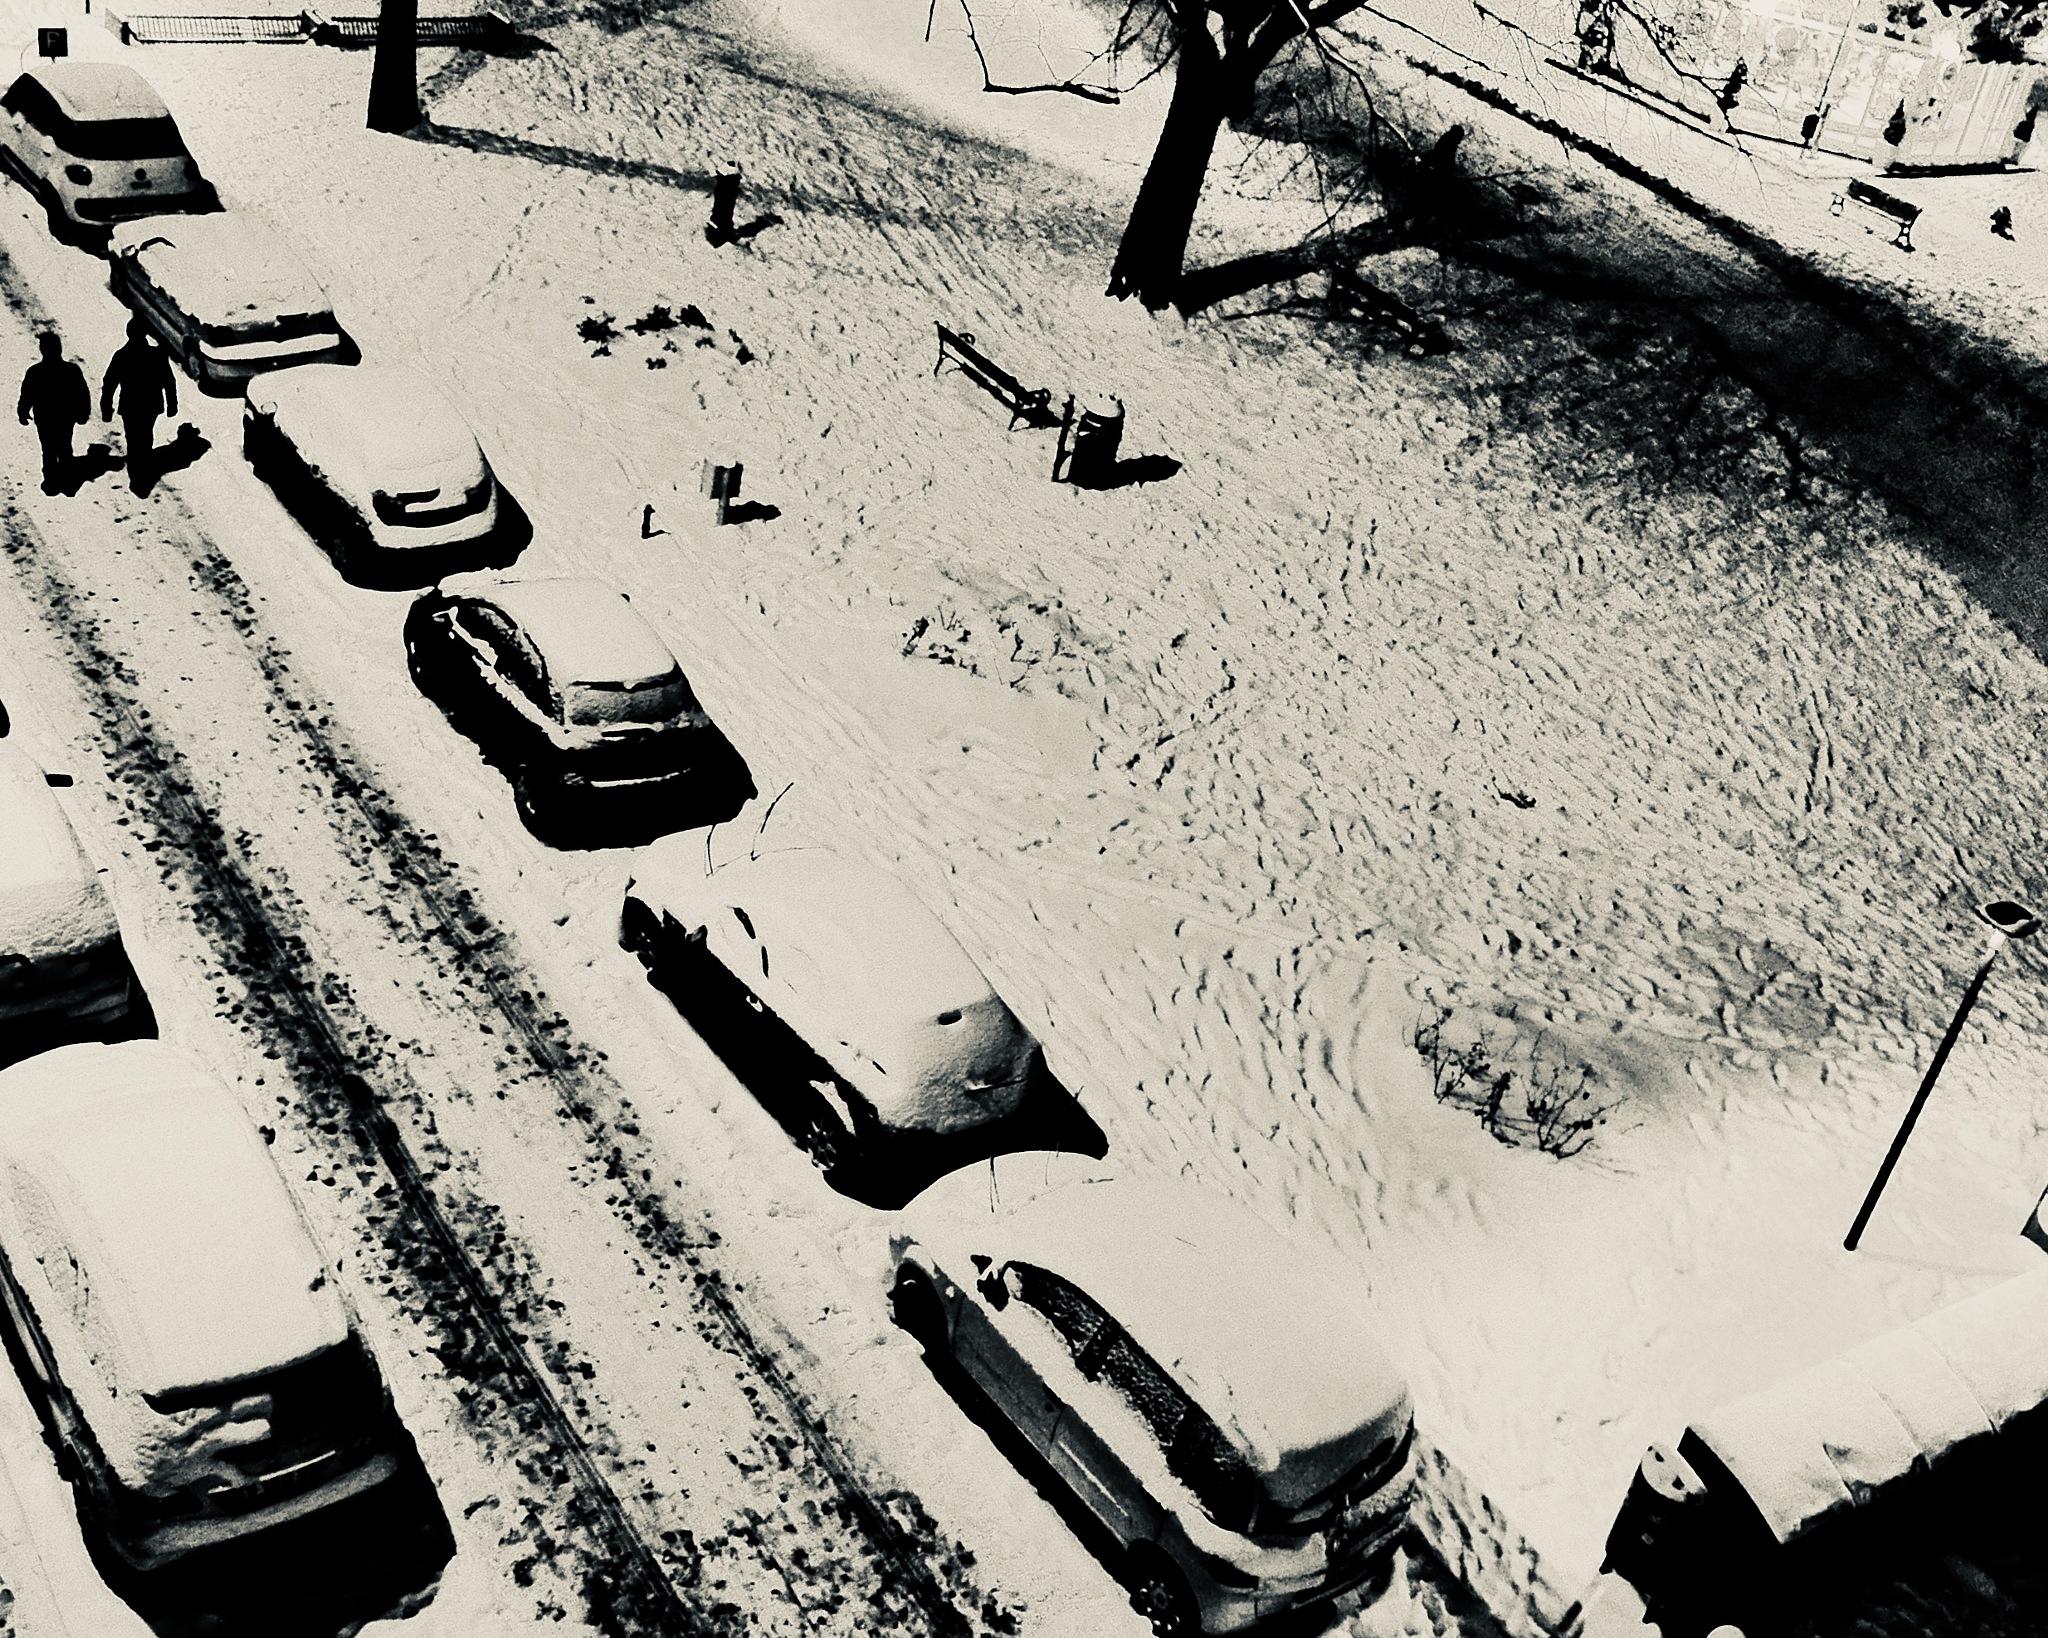 Mistery Snow by Mau056